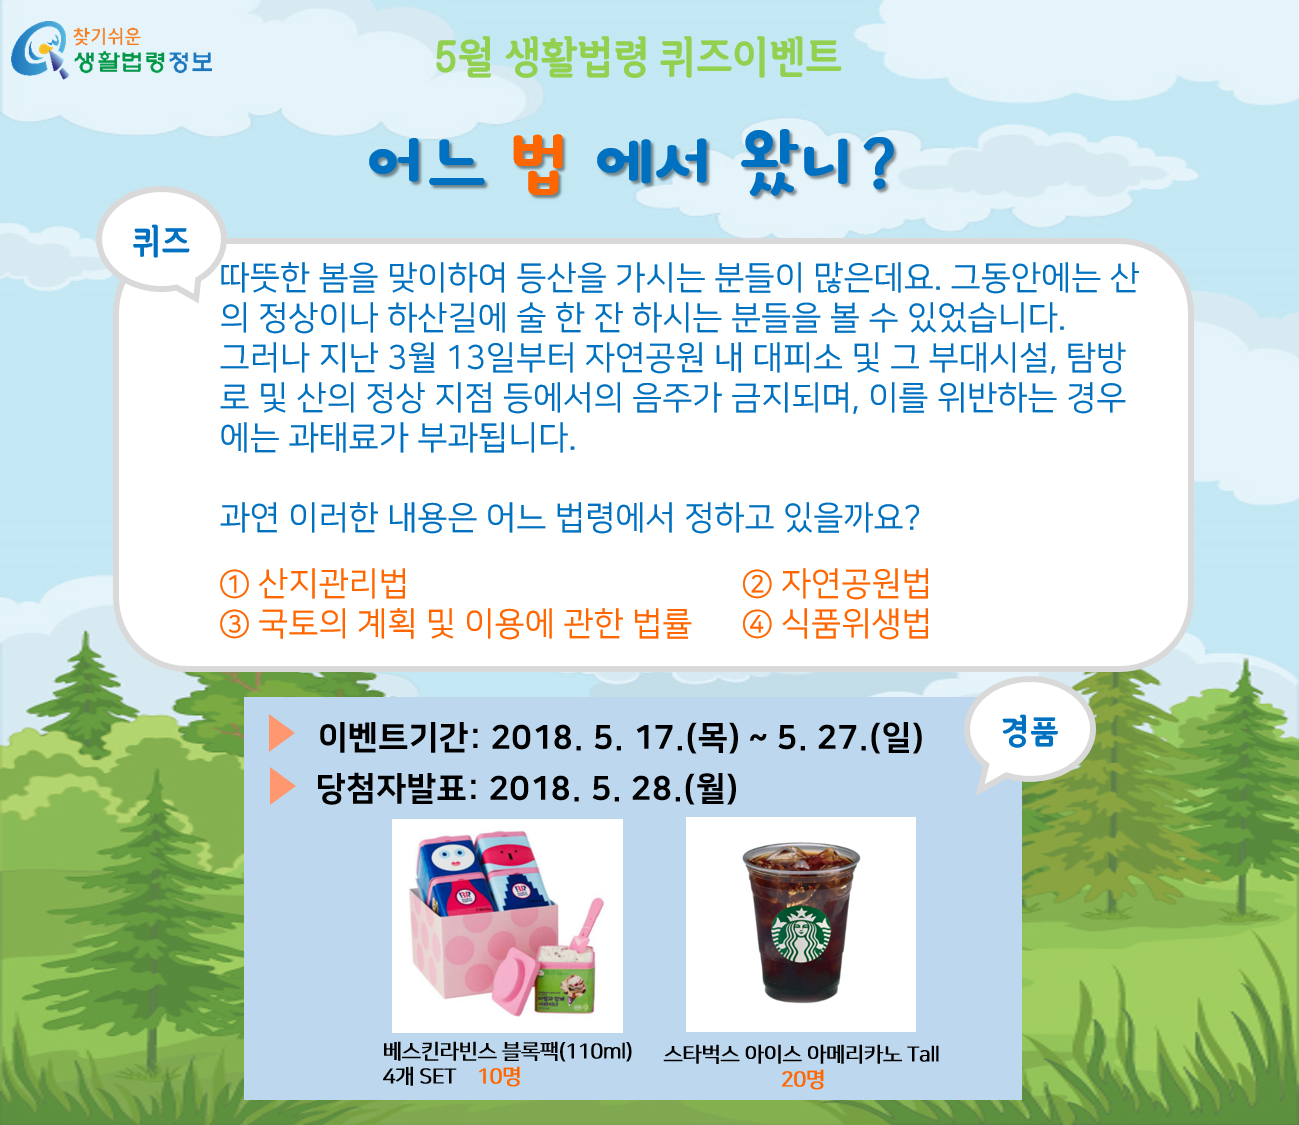 """2018년 5월 생활법령 퀴즈 이벤트 개최 """"어느 법에서 왔니"""""""